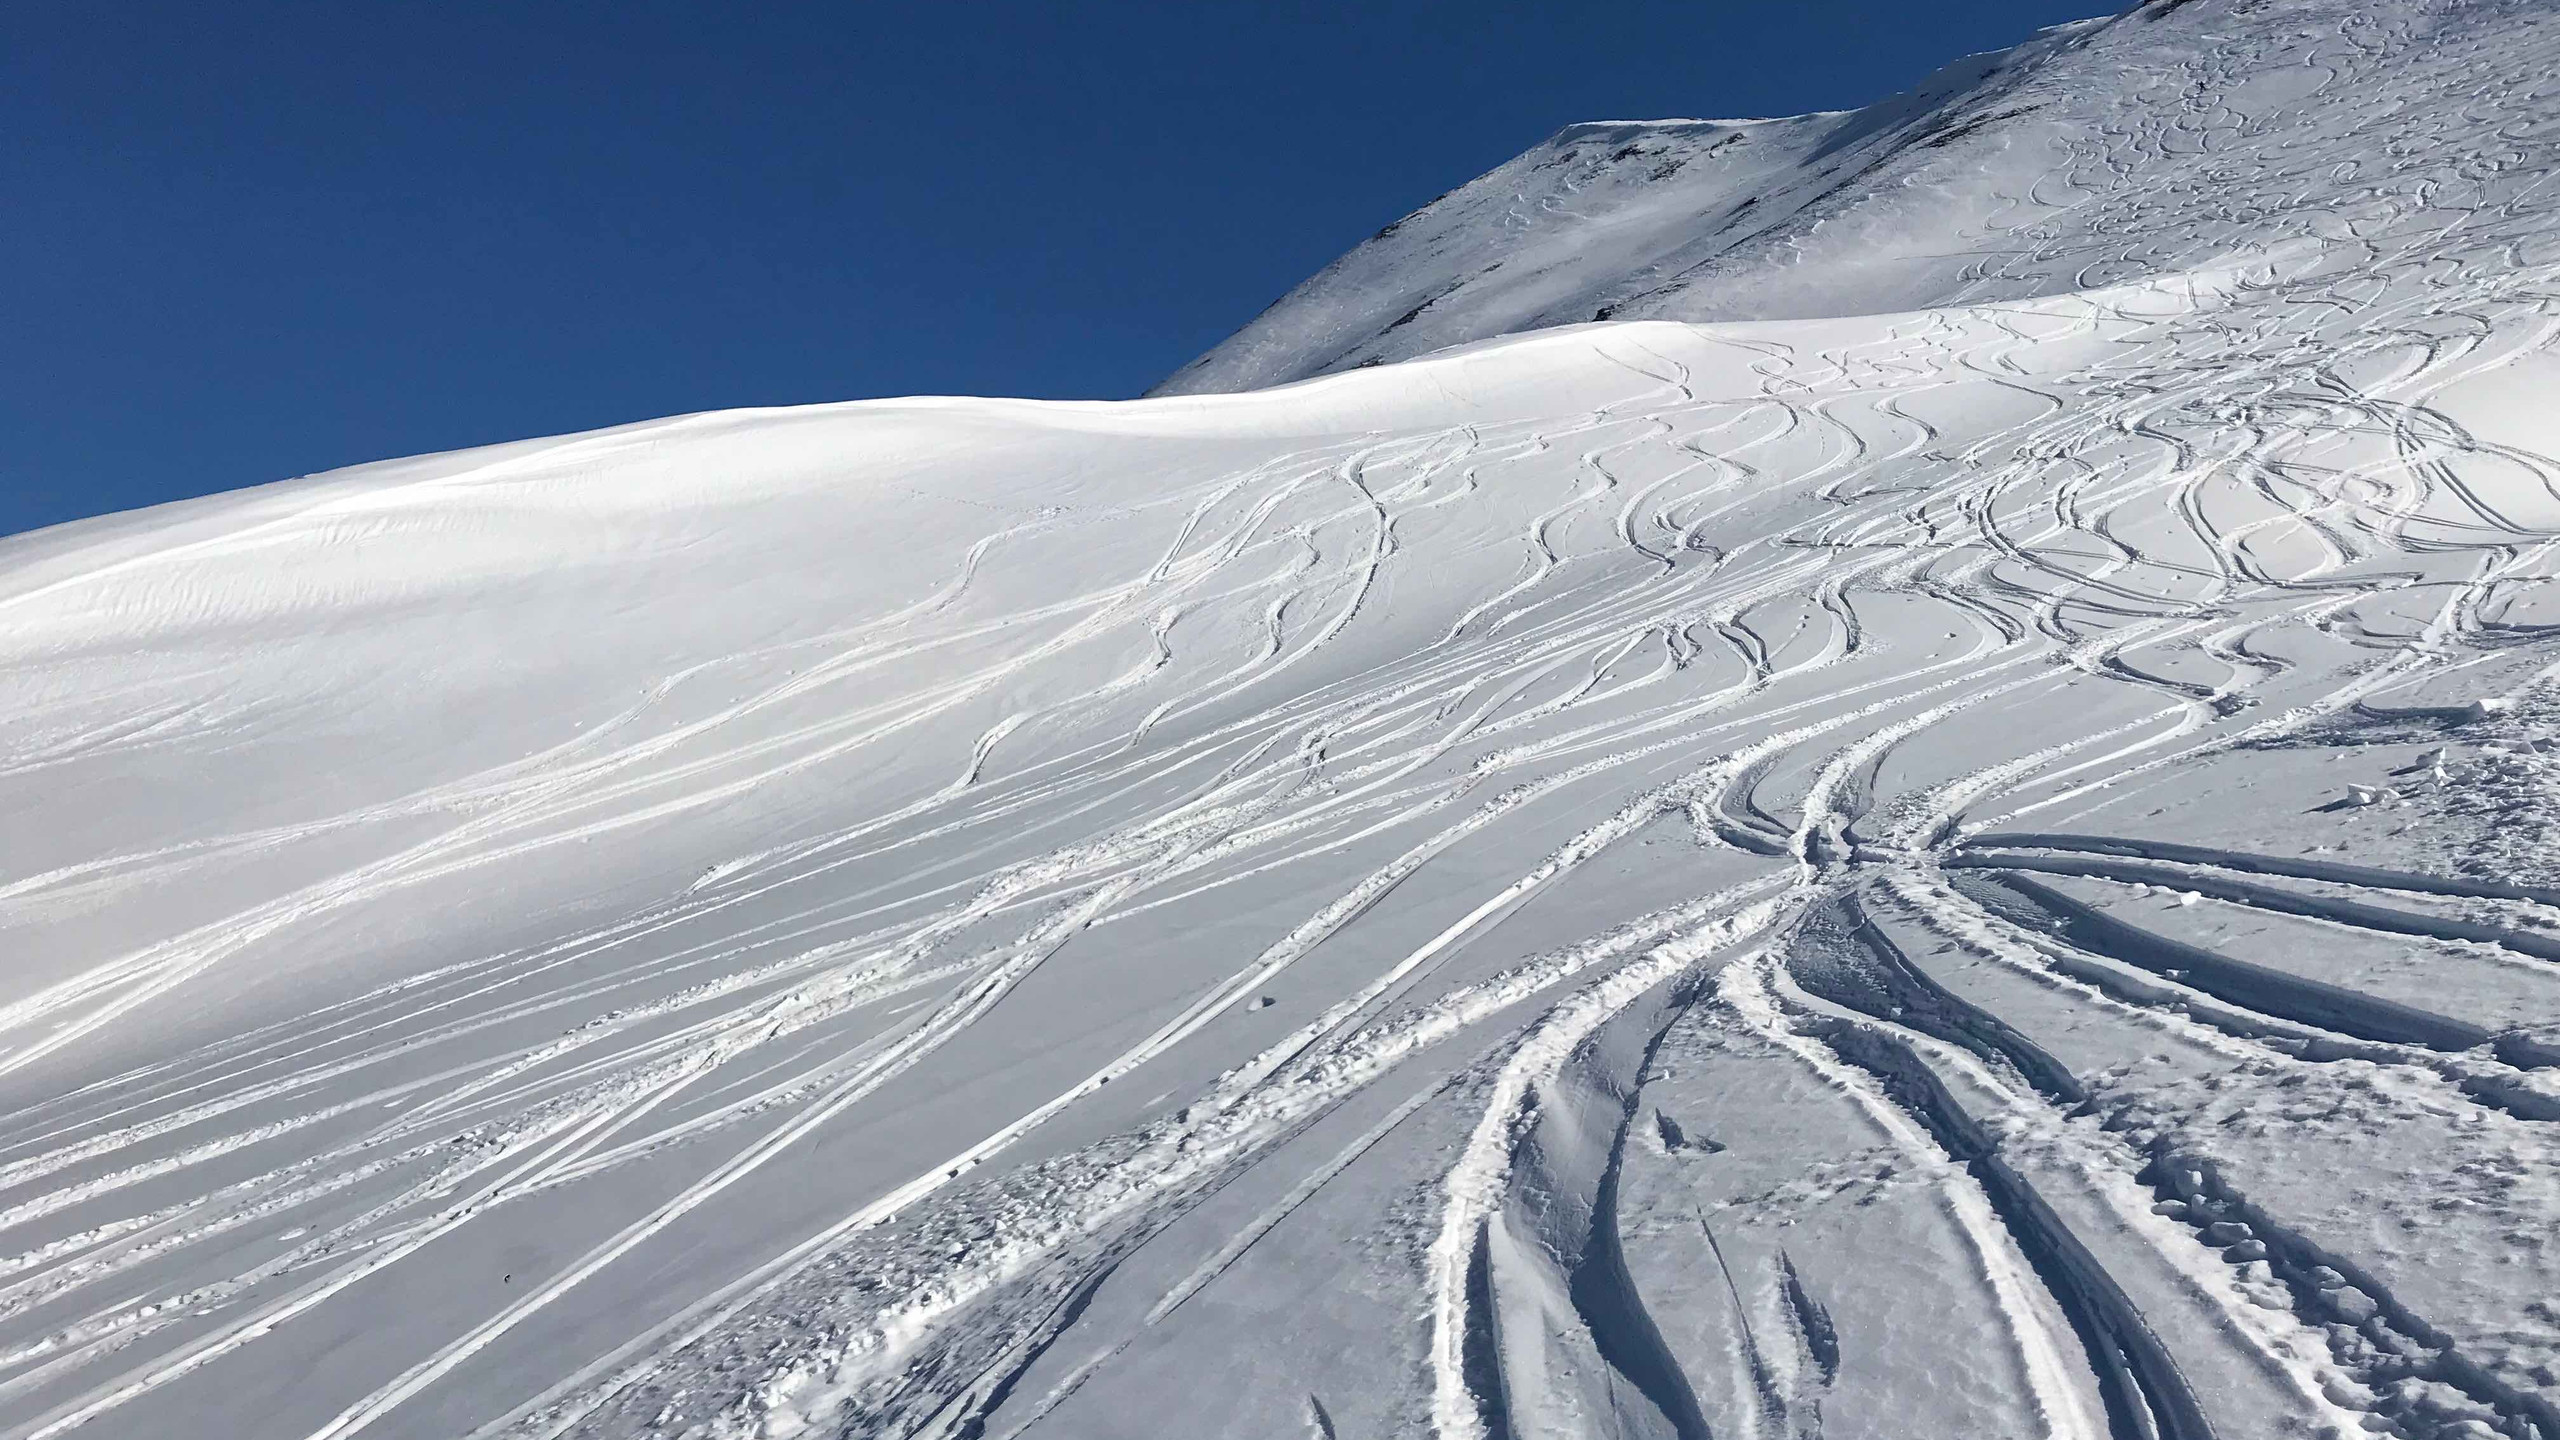 Abfahrtsspuren im Pulverschnee, Skitour Riepenspitze